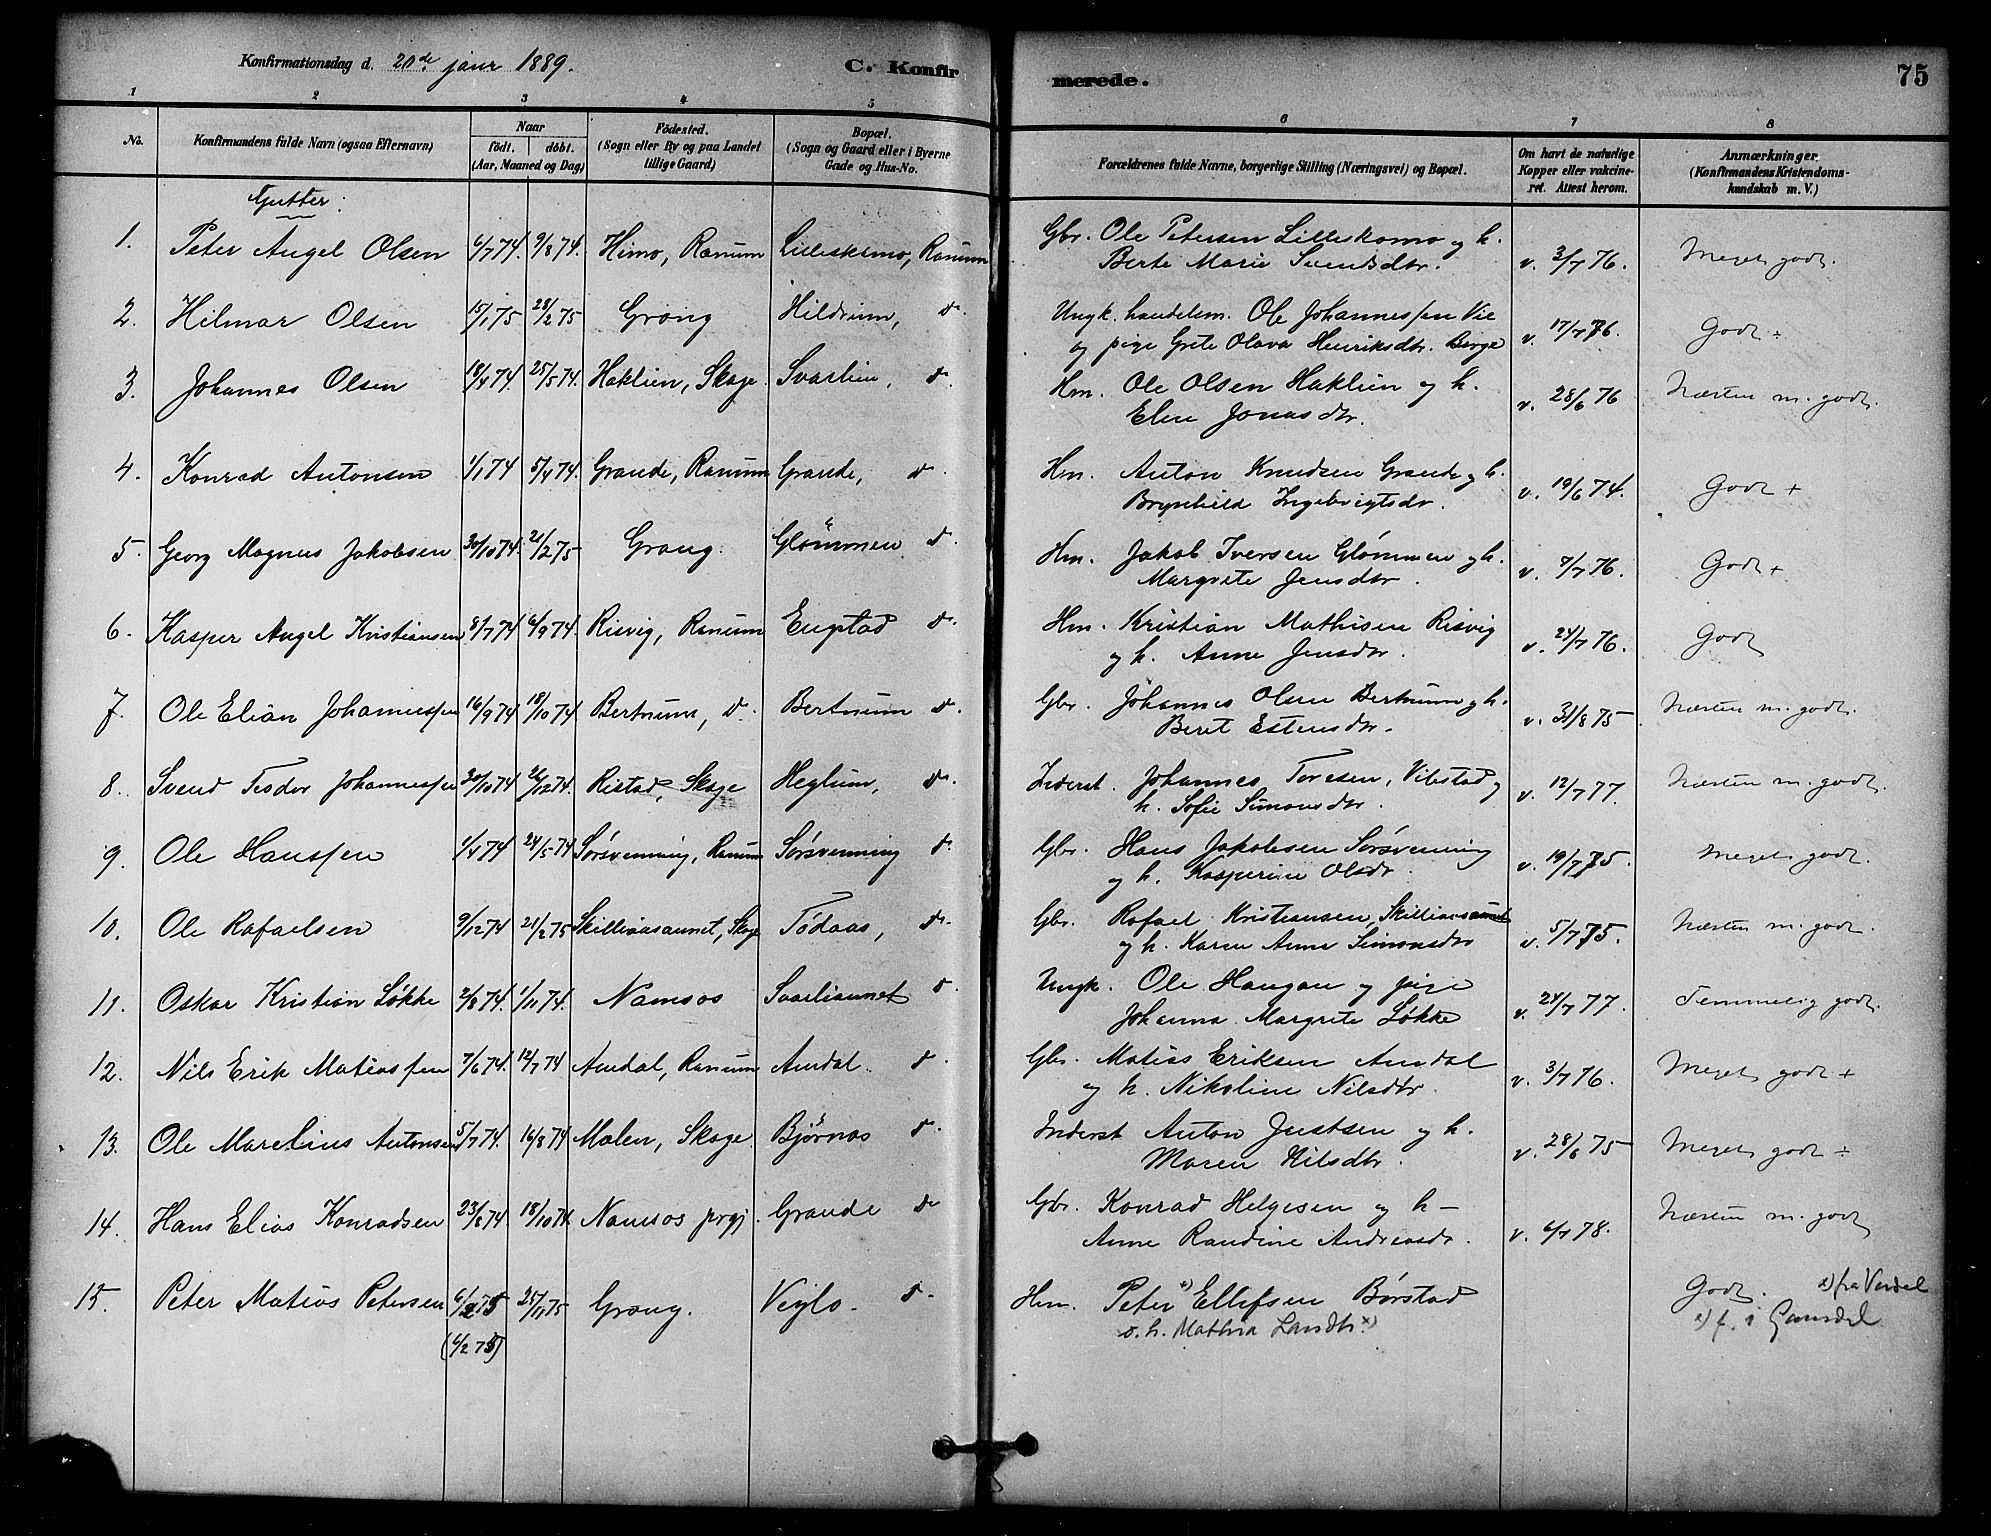 SAT, Ministerialprotokoller, klokkerbøker og fødselsregistre - Nord-Trøndelag, 764/L0555: Ministerialbok nr. 764A10, 1881-1896, s. 75